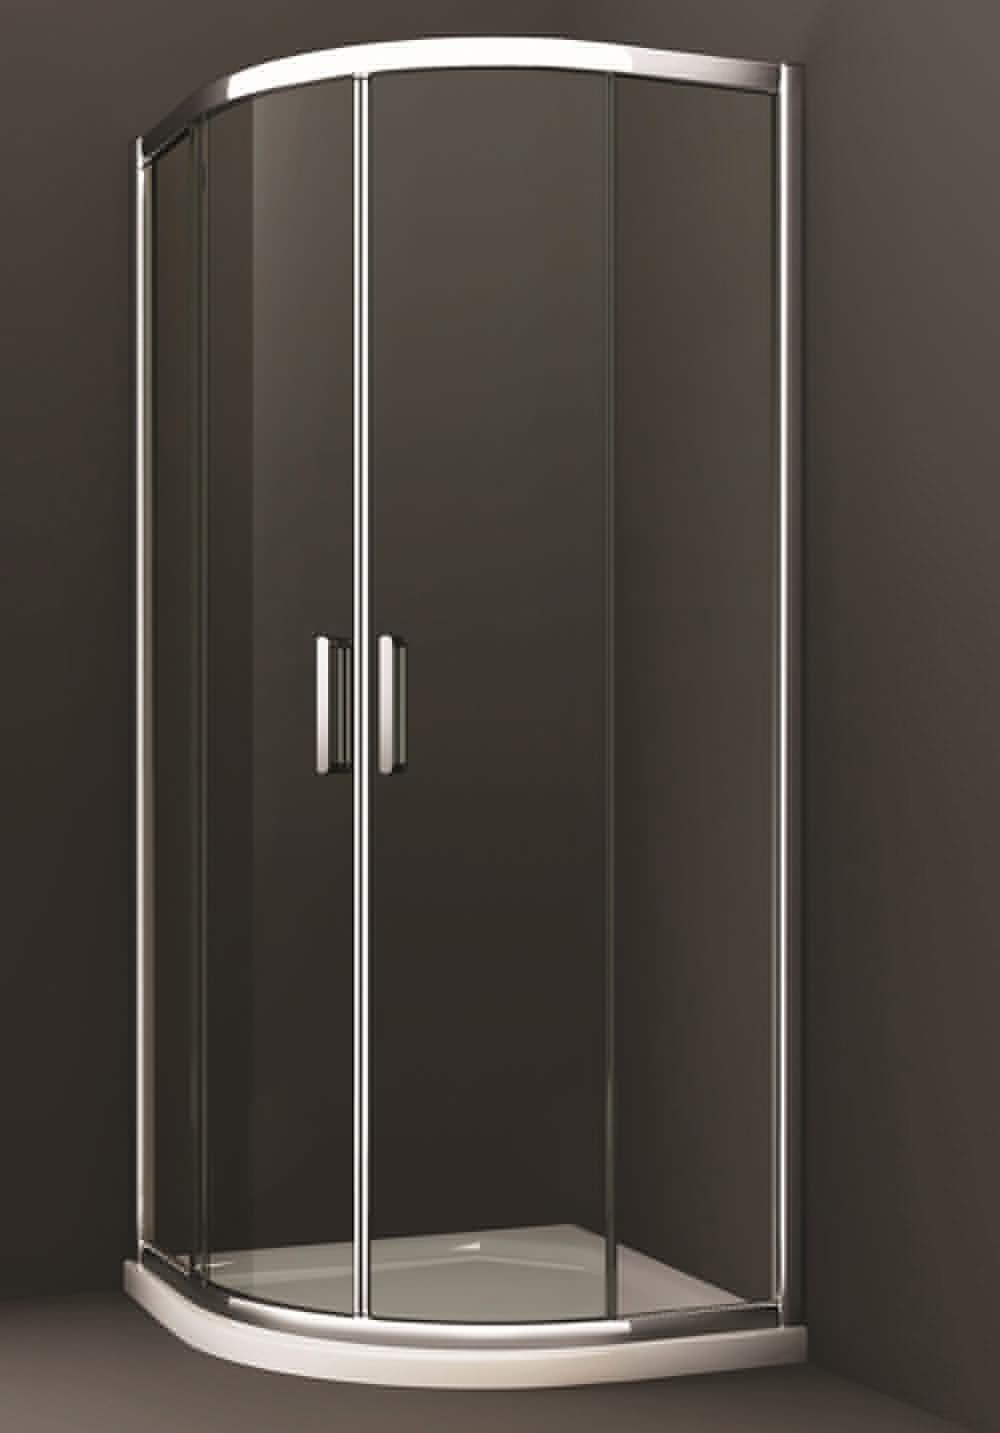 Merlyn 8 Series 1000 X 1000mm 2 Door Quadrant Shower Enclosure